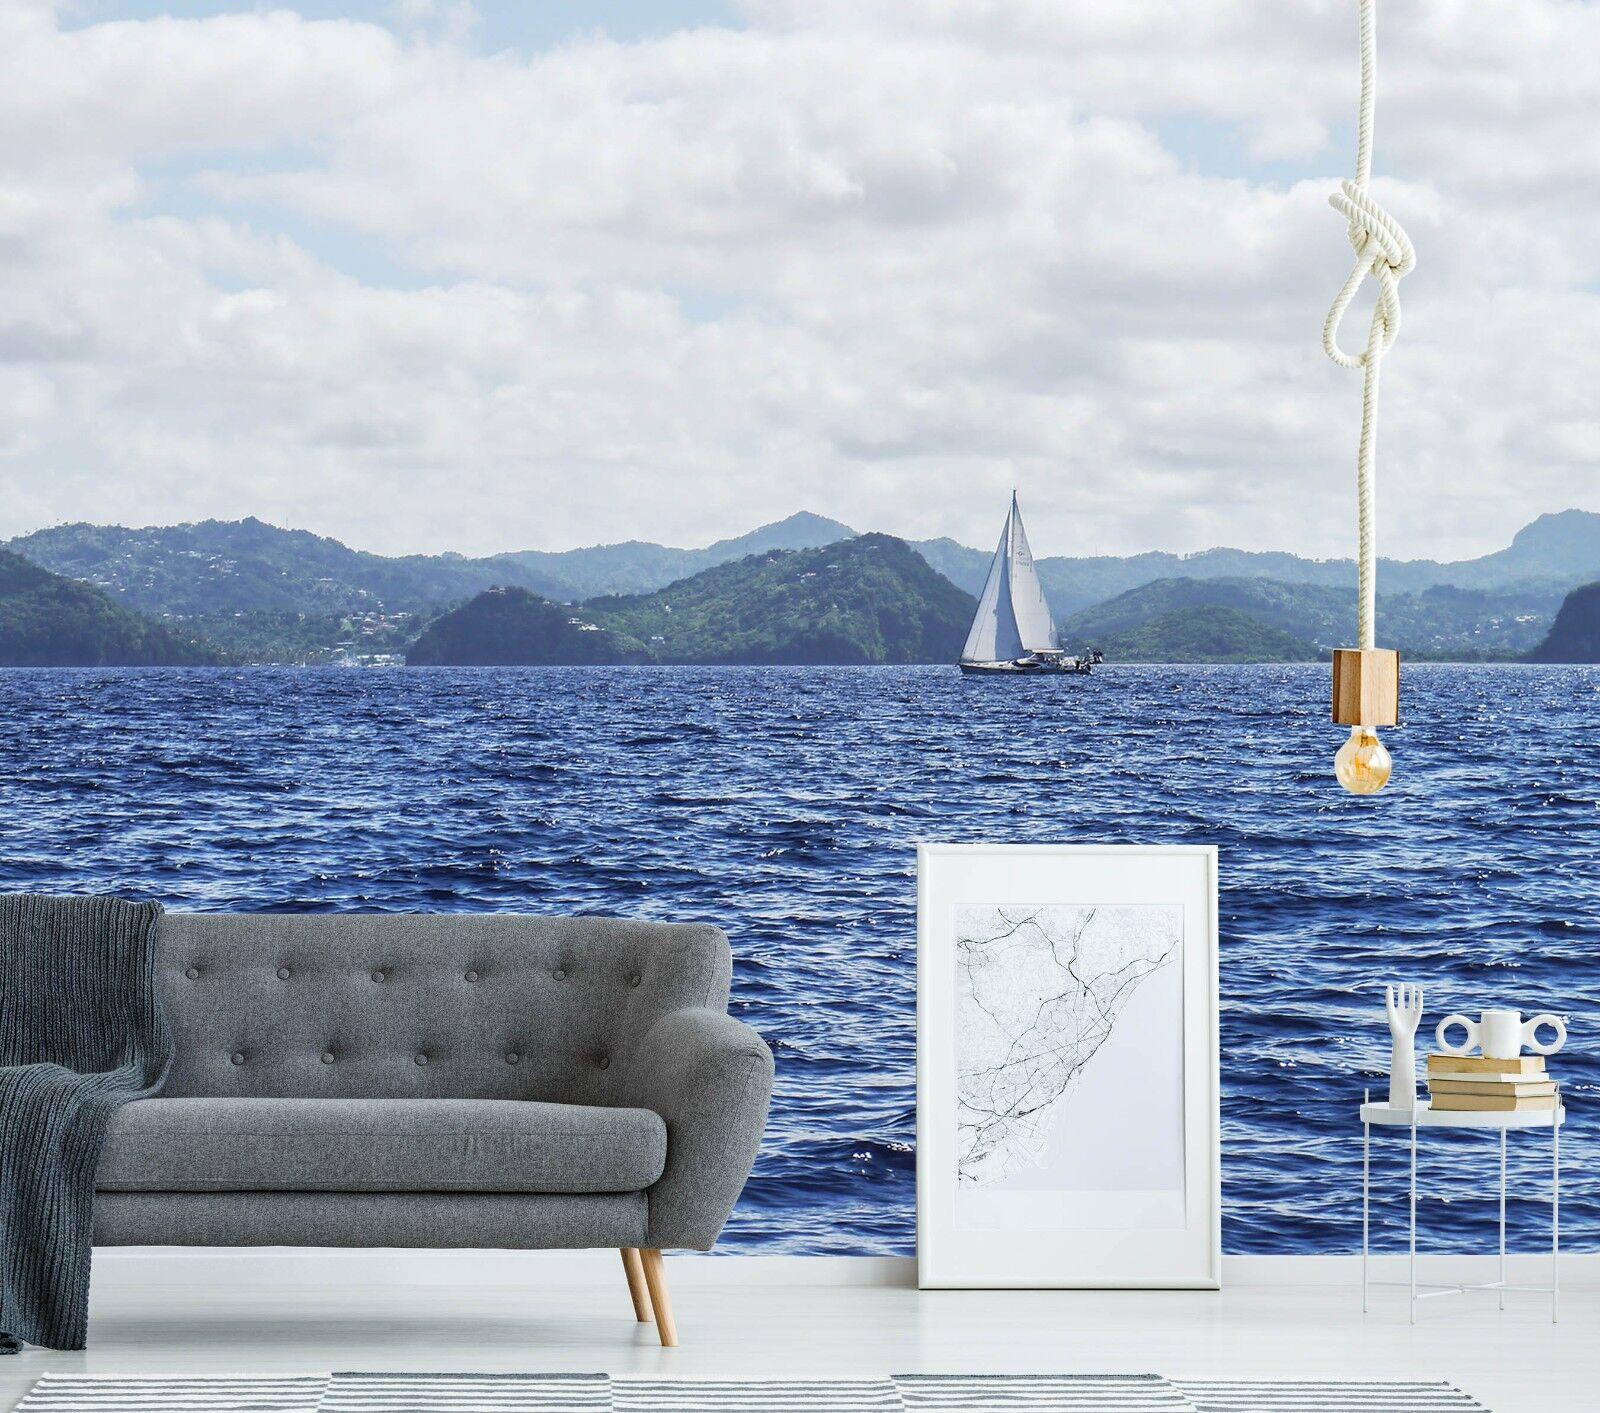 3D Blau Sea Sailboat 899 Wallpaper Mural Paper Wall Print Murals UK Lemon